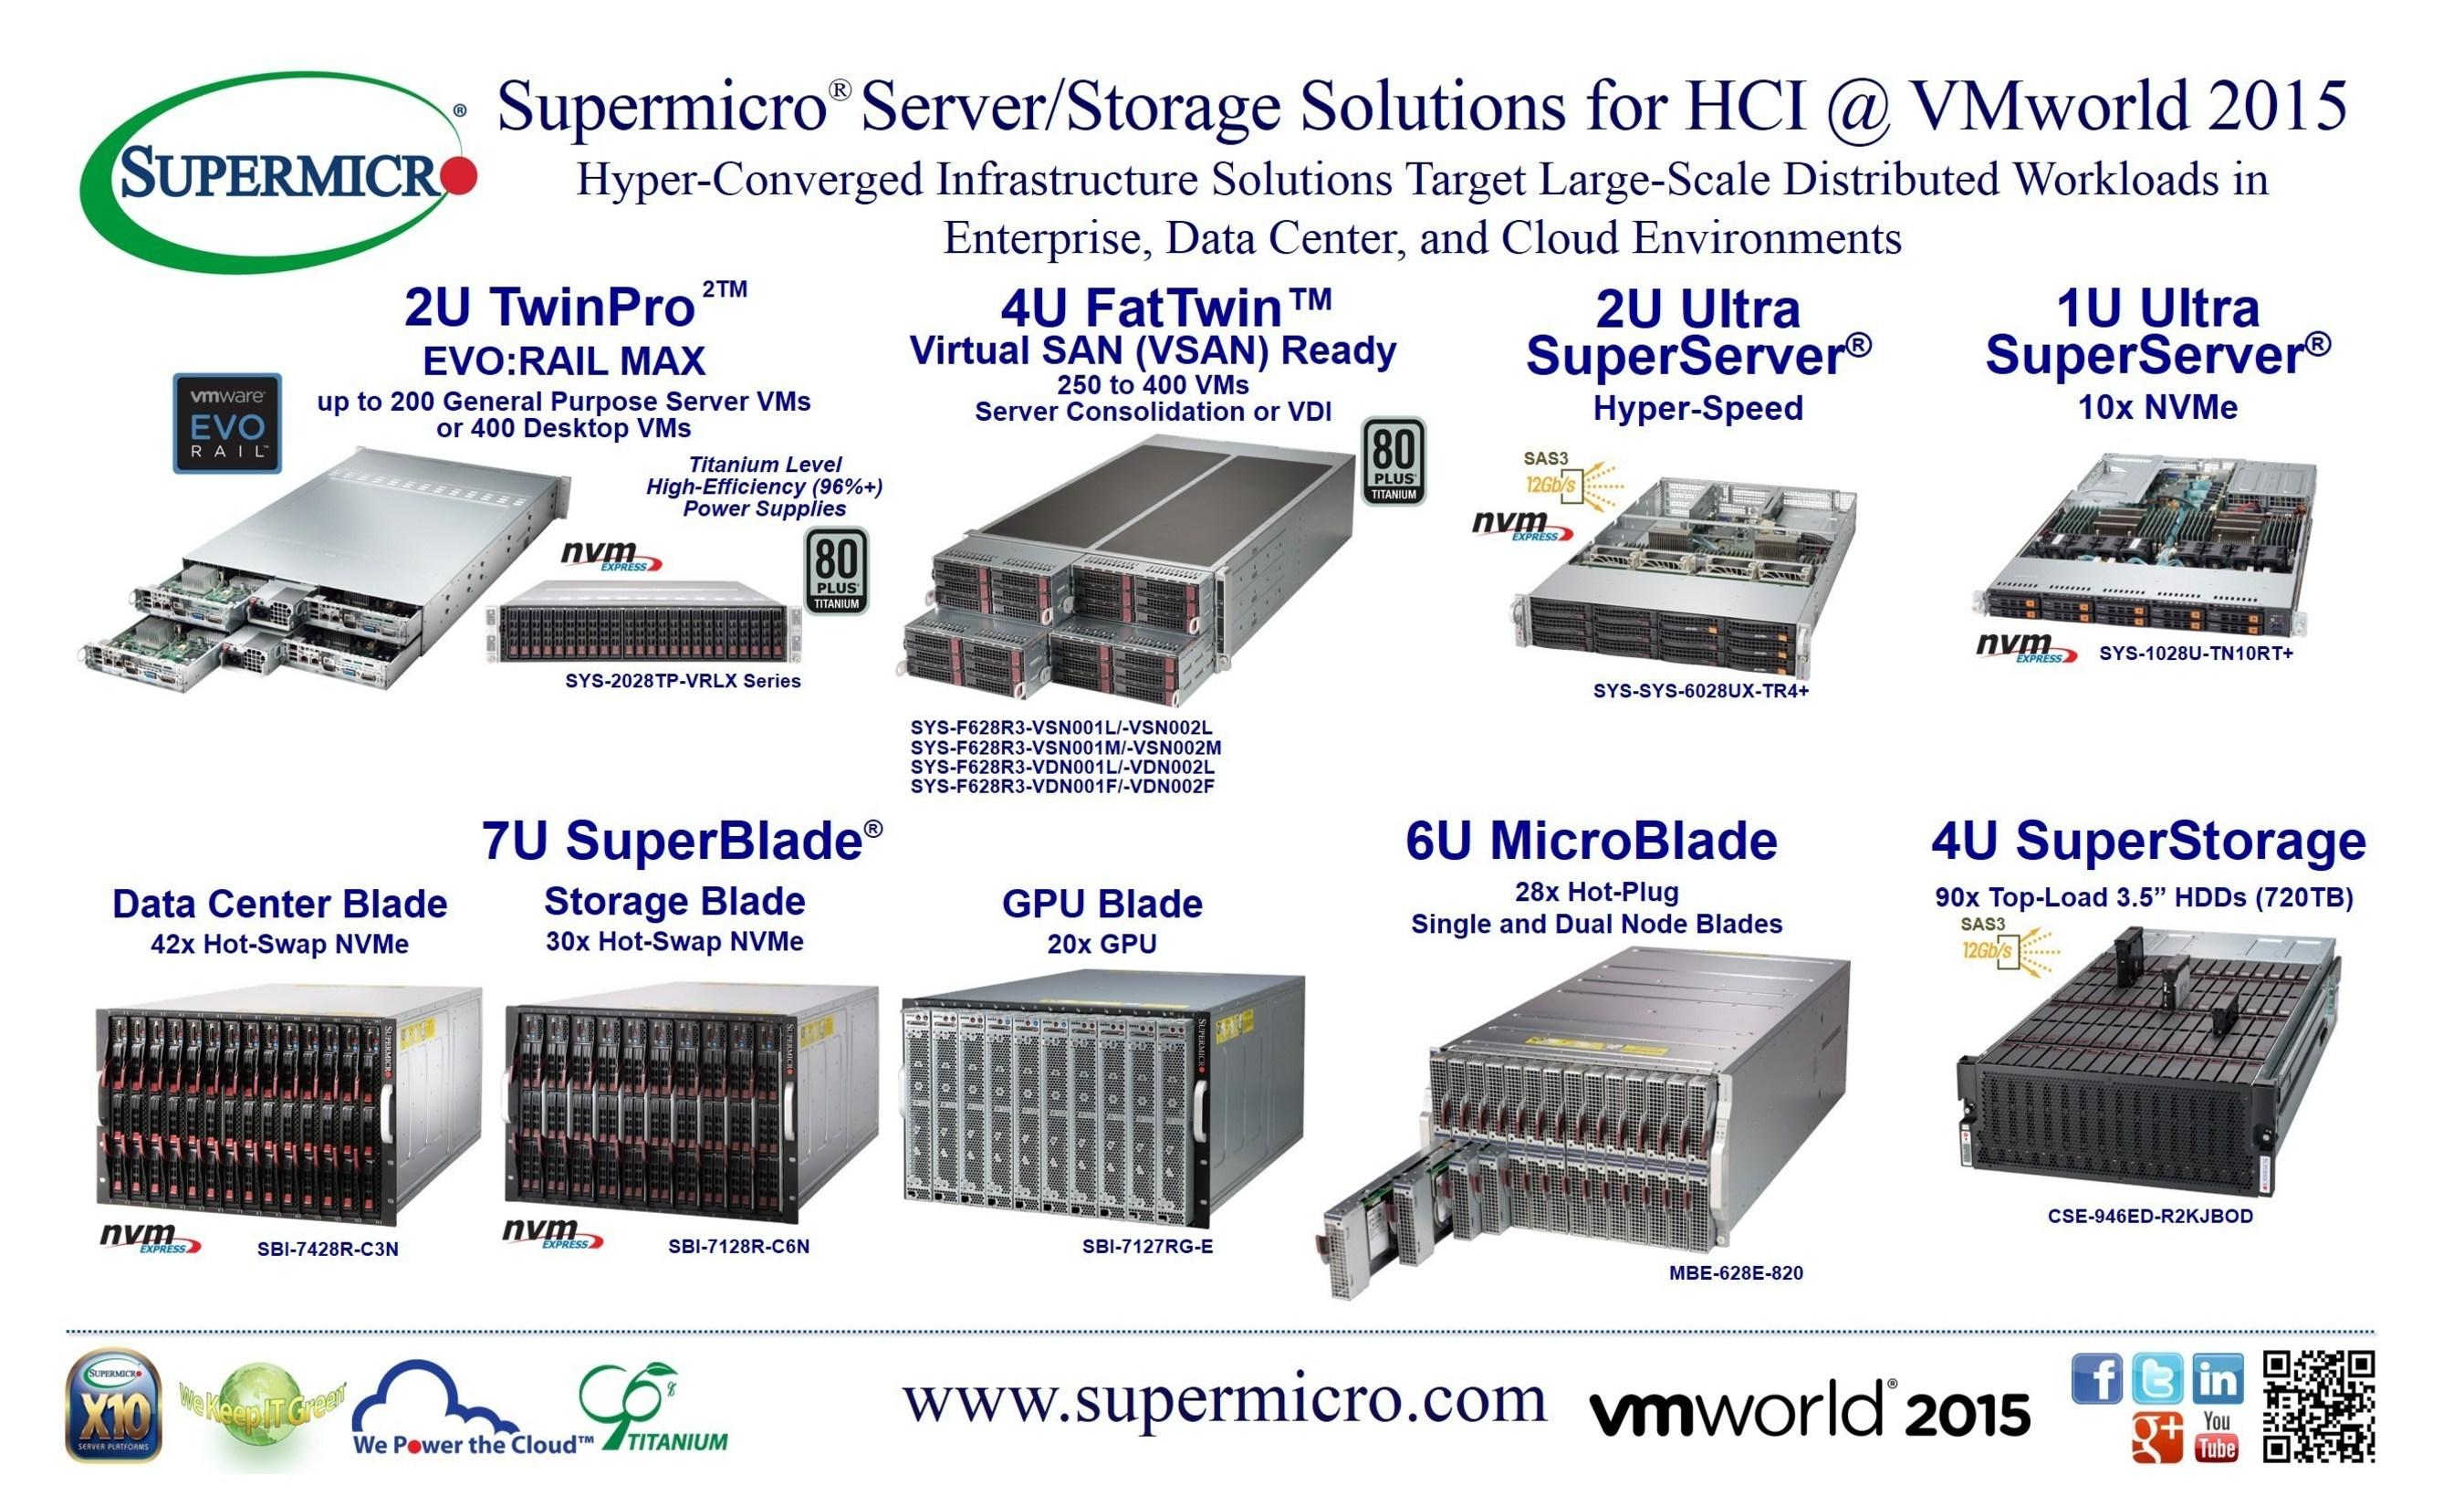 Supermicro® exibe soluções de servidor e armazenamento all-NVMe otimizadas para infraestrutura